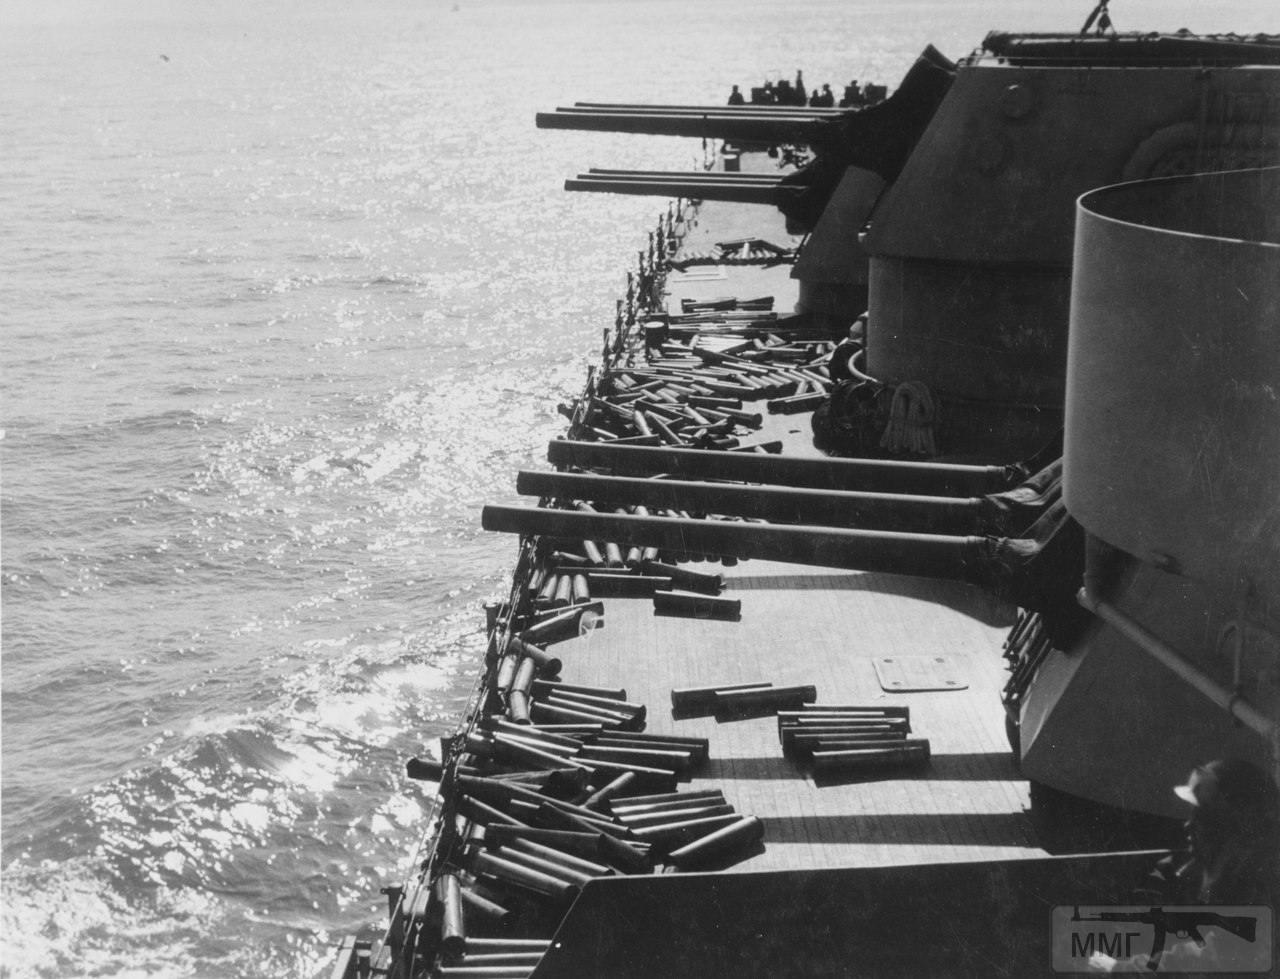 17016 - Военное фото 1939-1945 г.г. Западный фронт и Африка.